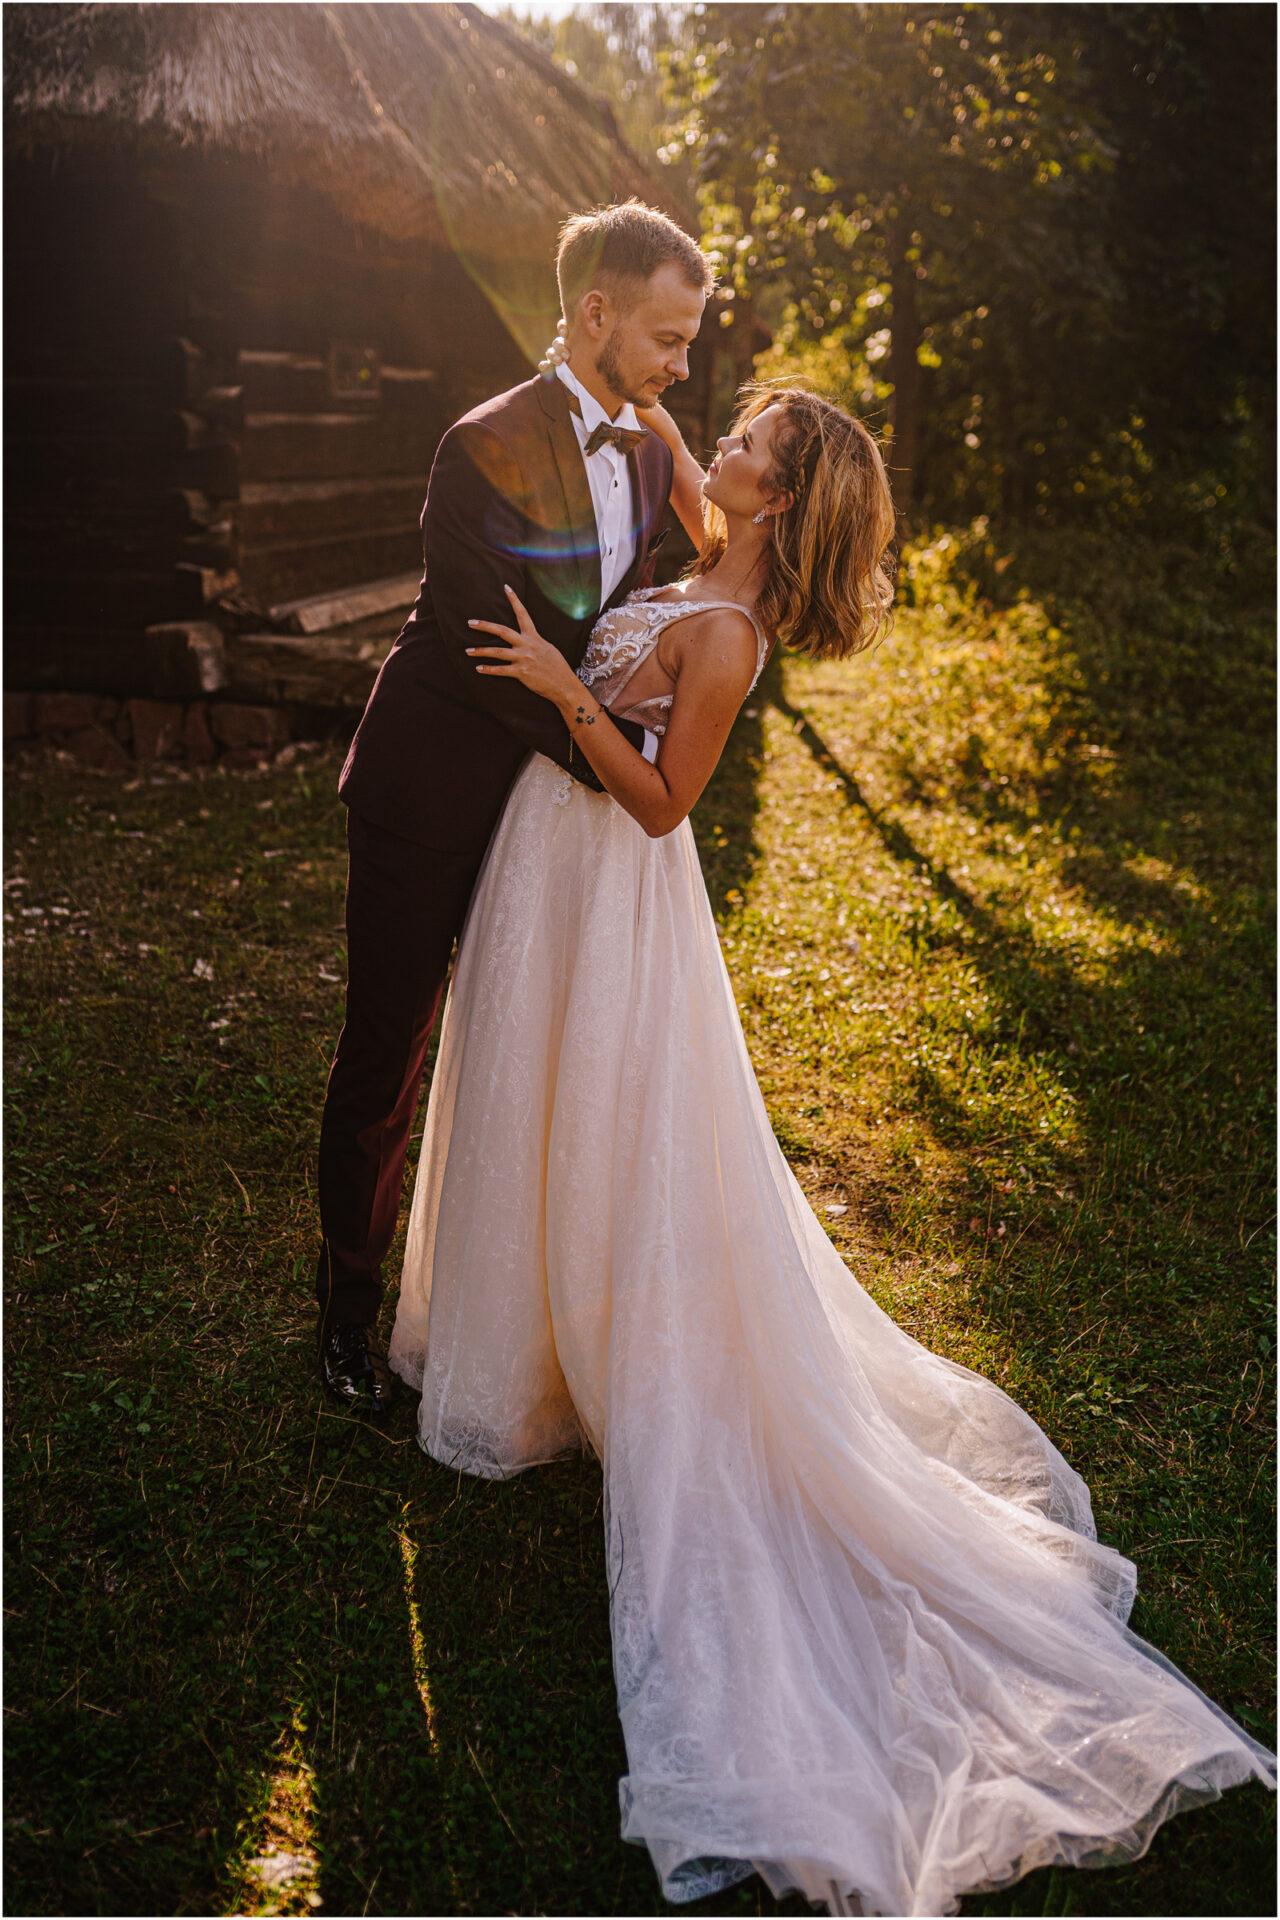 Kasia & Damian   ślub plenerowy w Kuźni Smaków i sesja w skansenie 125